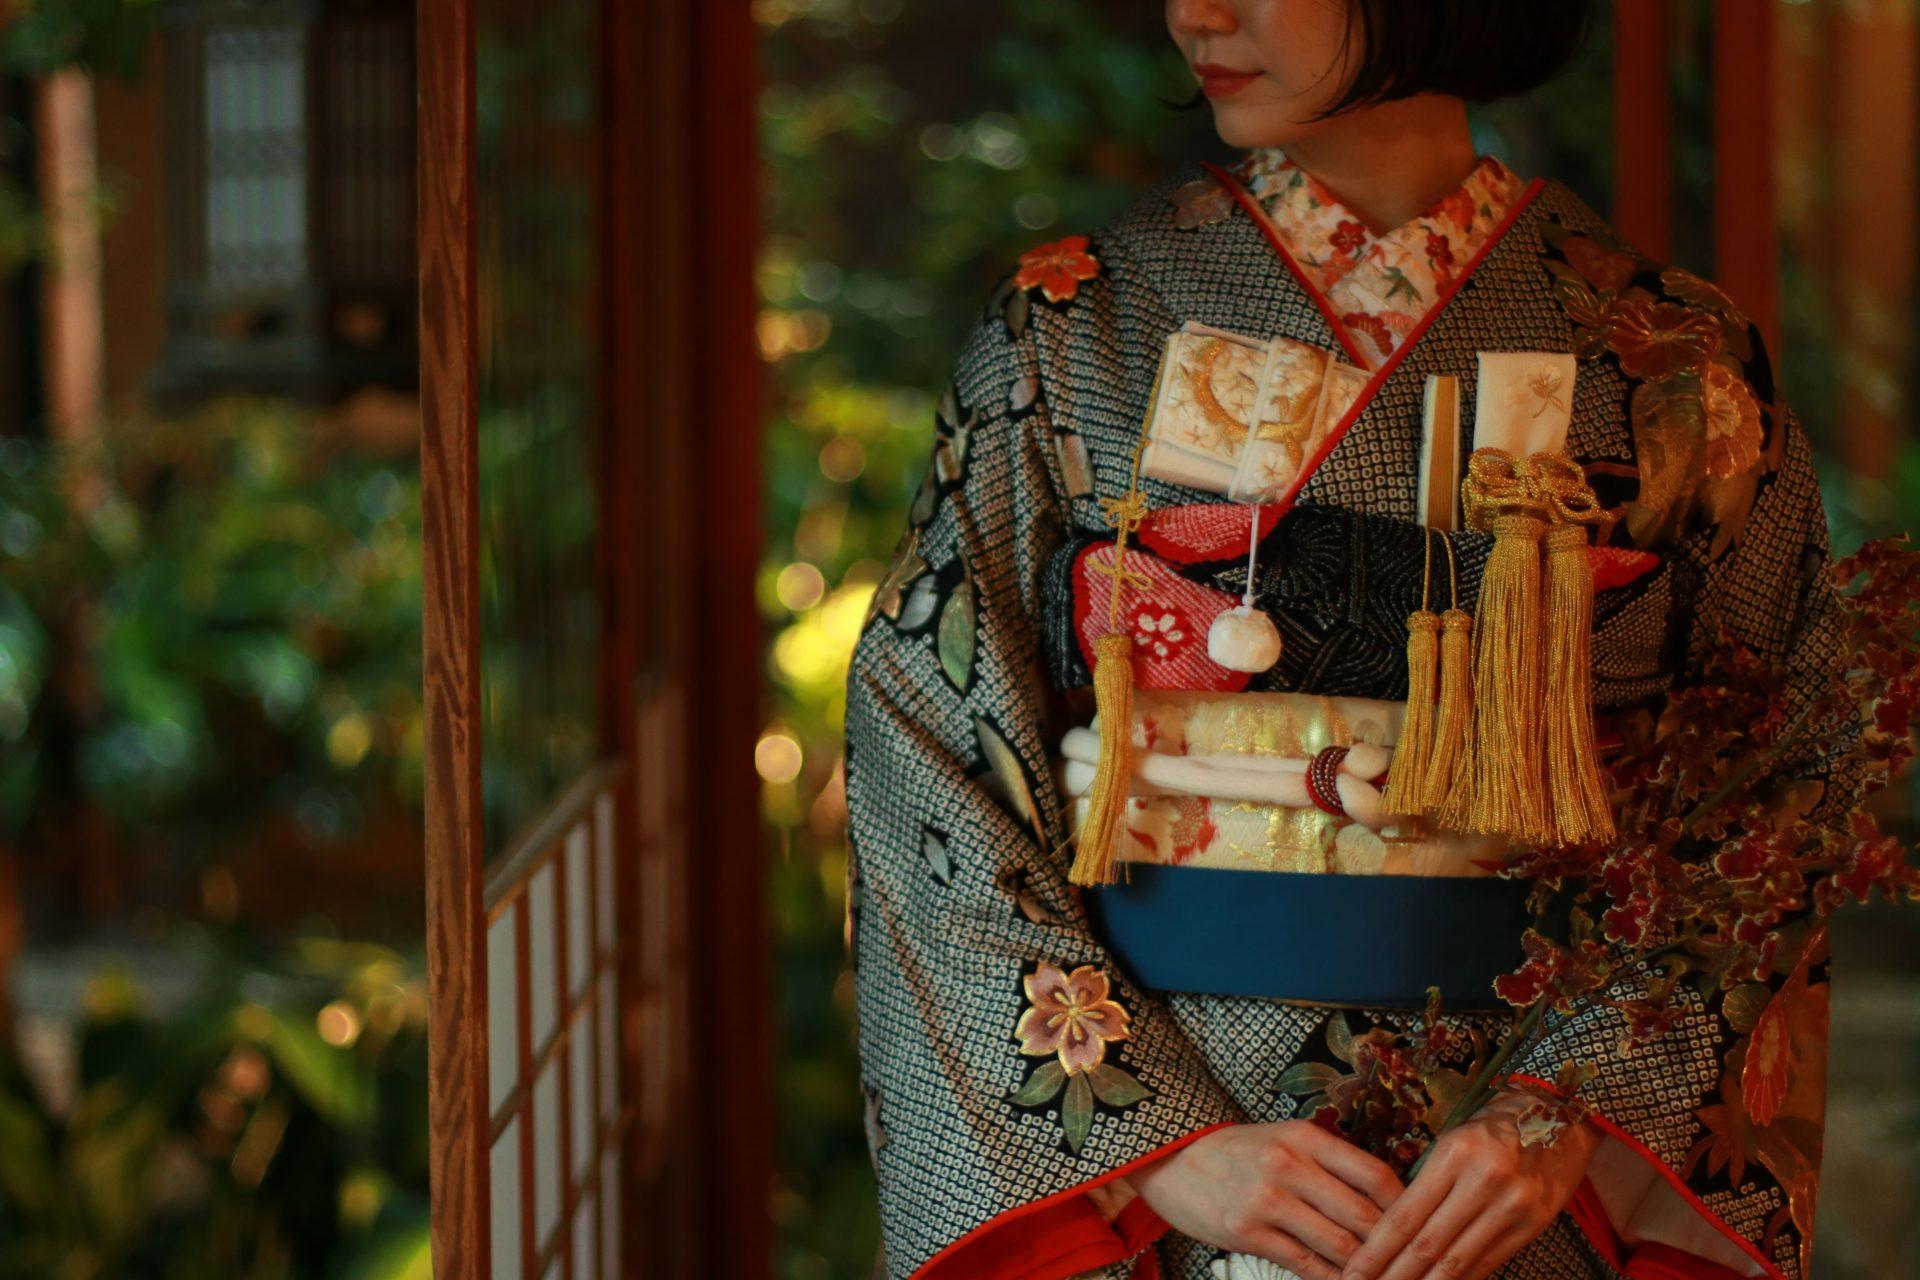 ザ・トリートドレッシング名古屋店提携の結婚式場河文にて前撮りを予定されている花嫁様へおすすめの和装コーディネート